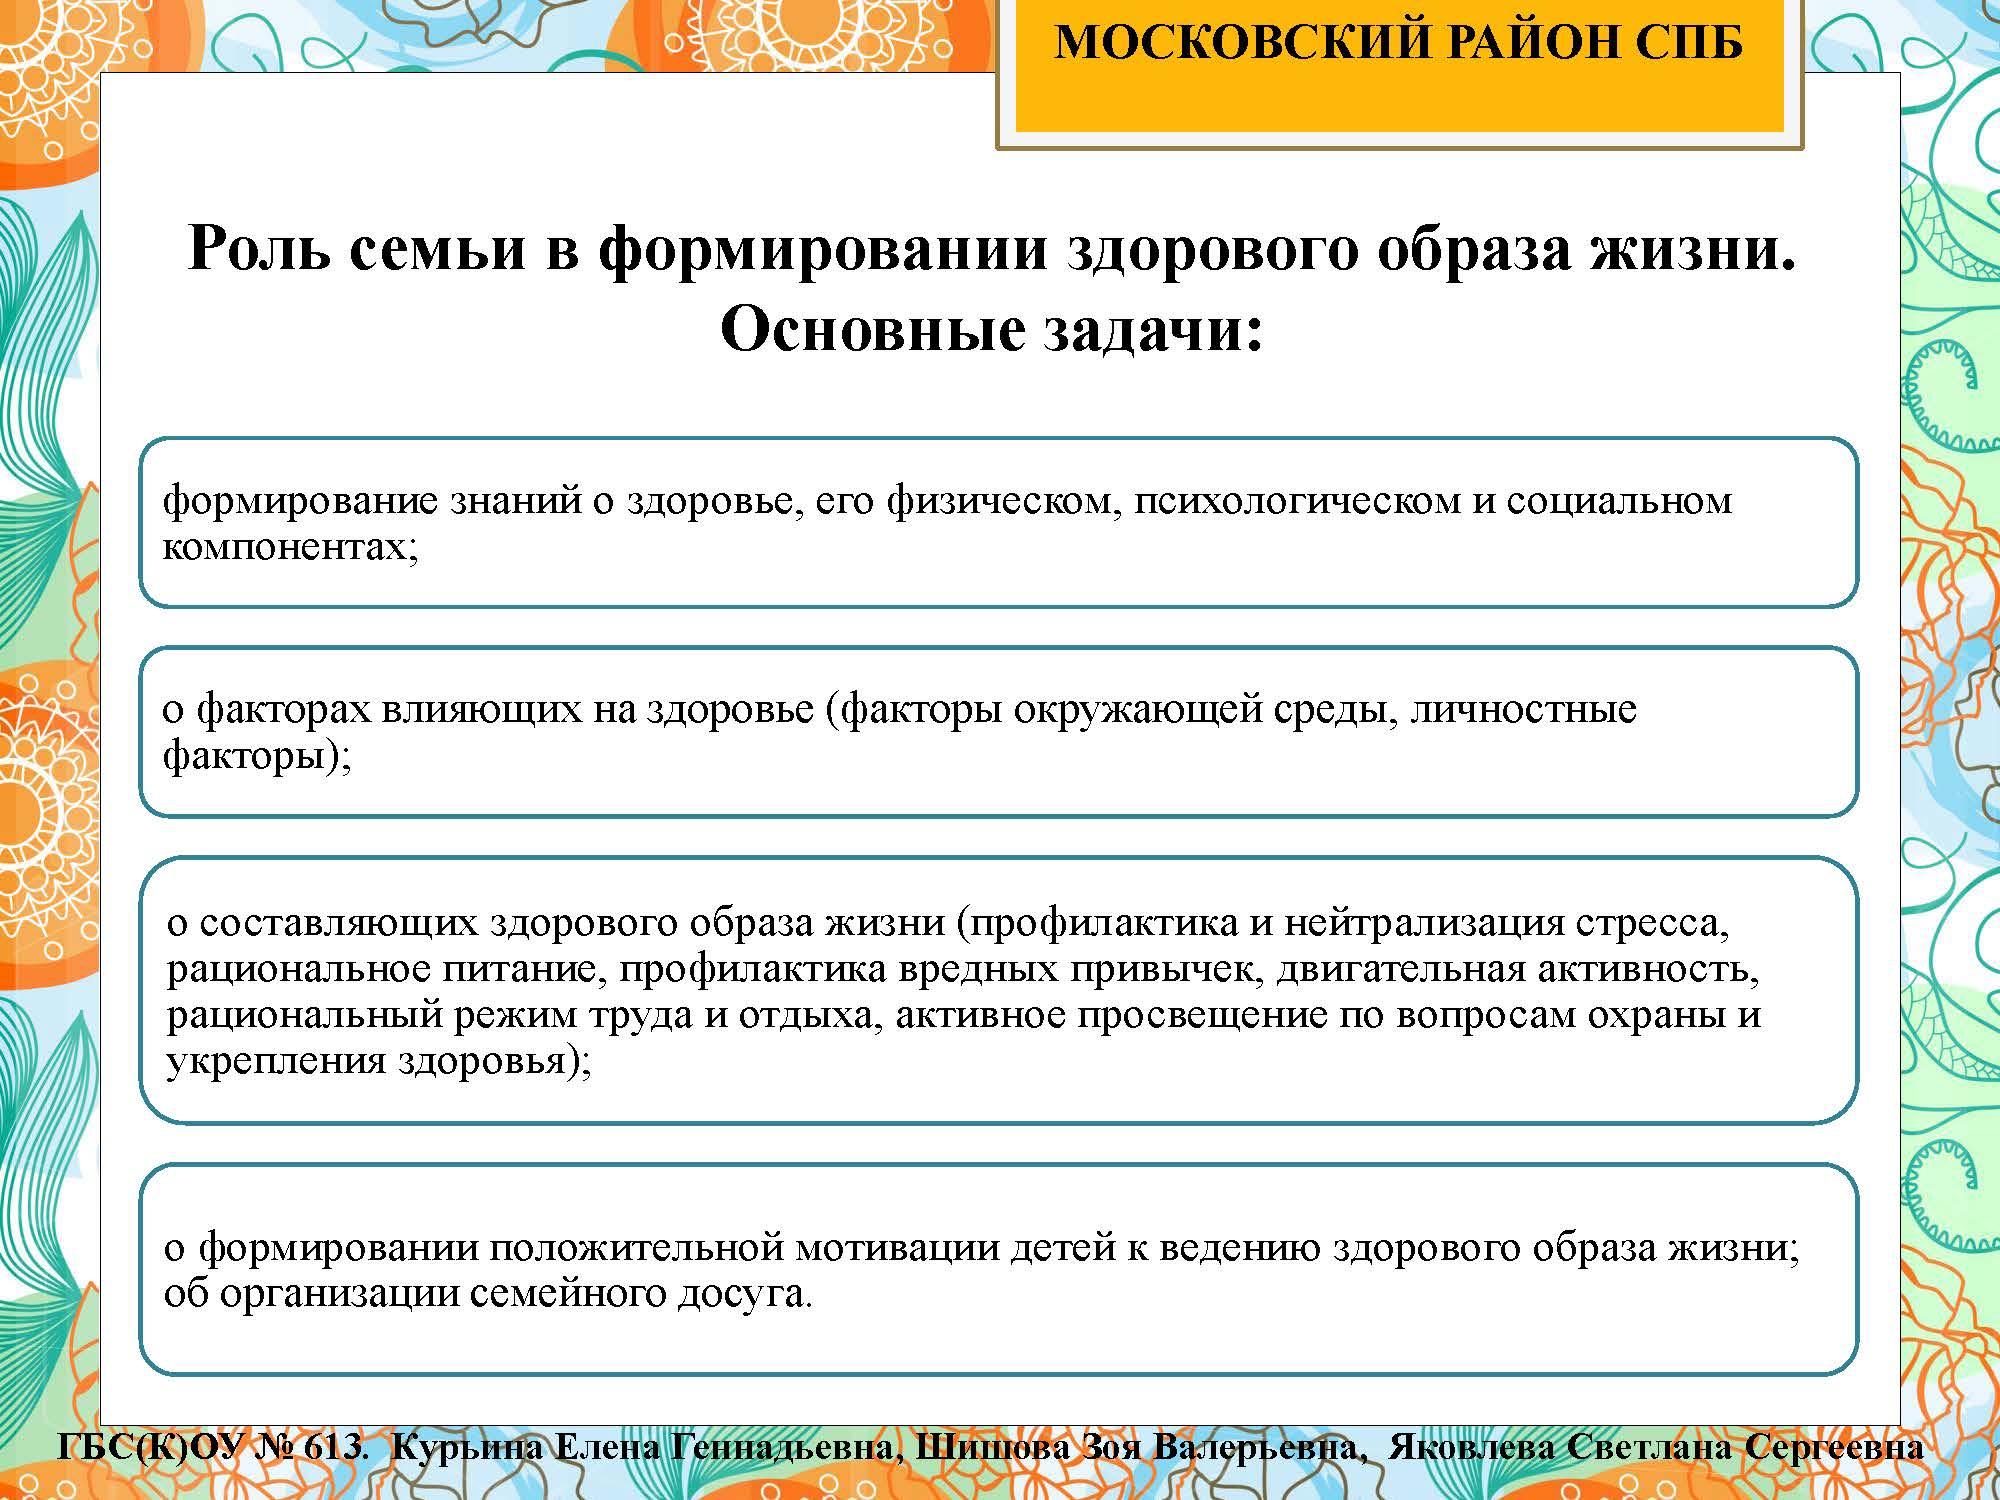 секция 8. ГБС(К)ОУ 613. Московский район_Страница_16